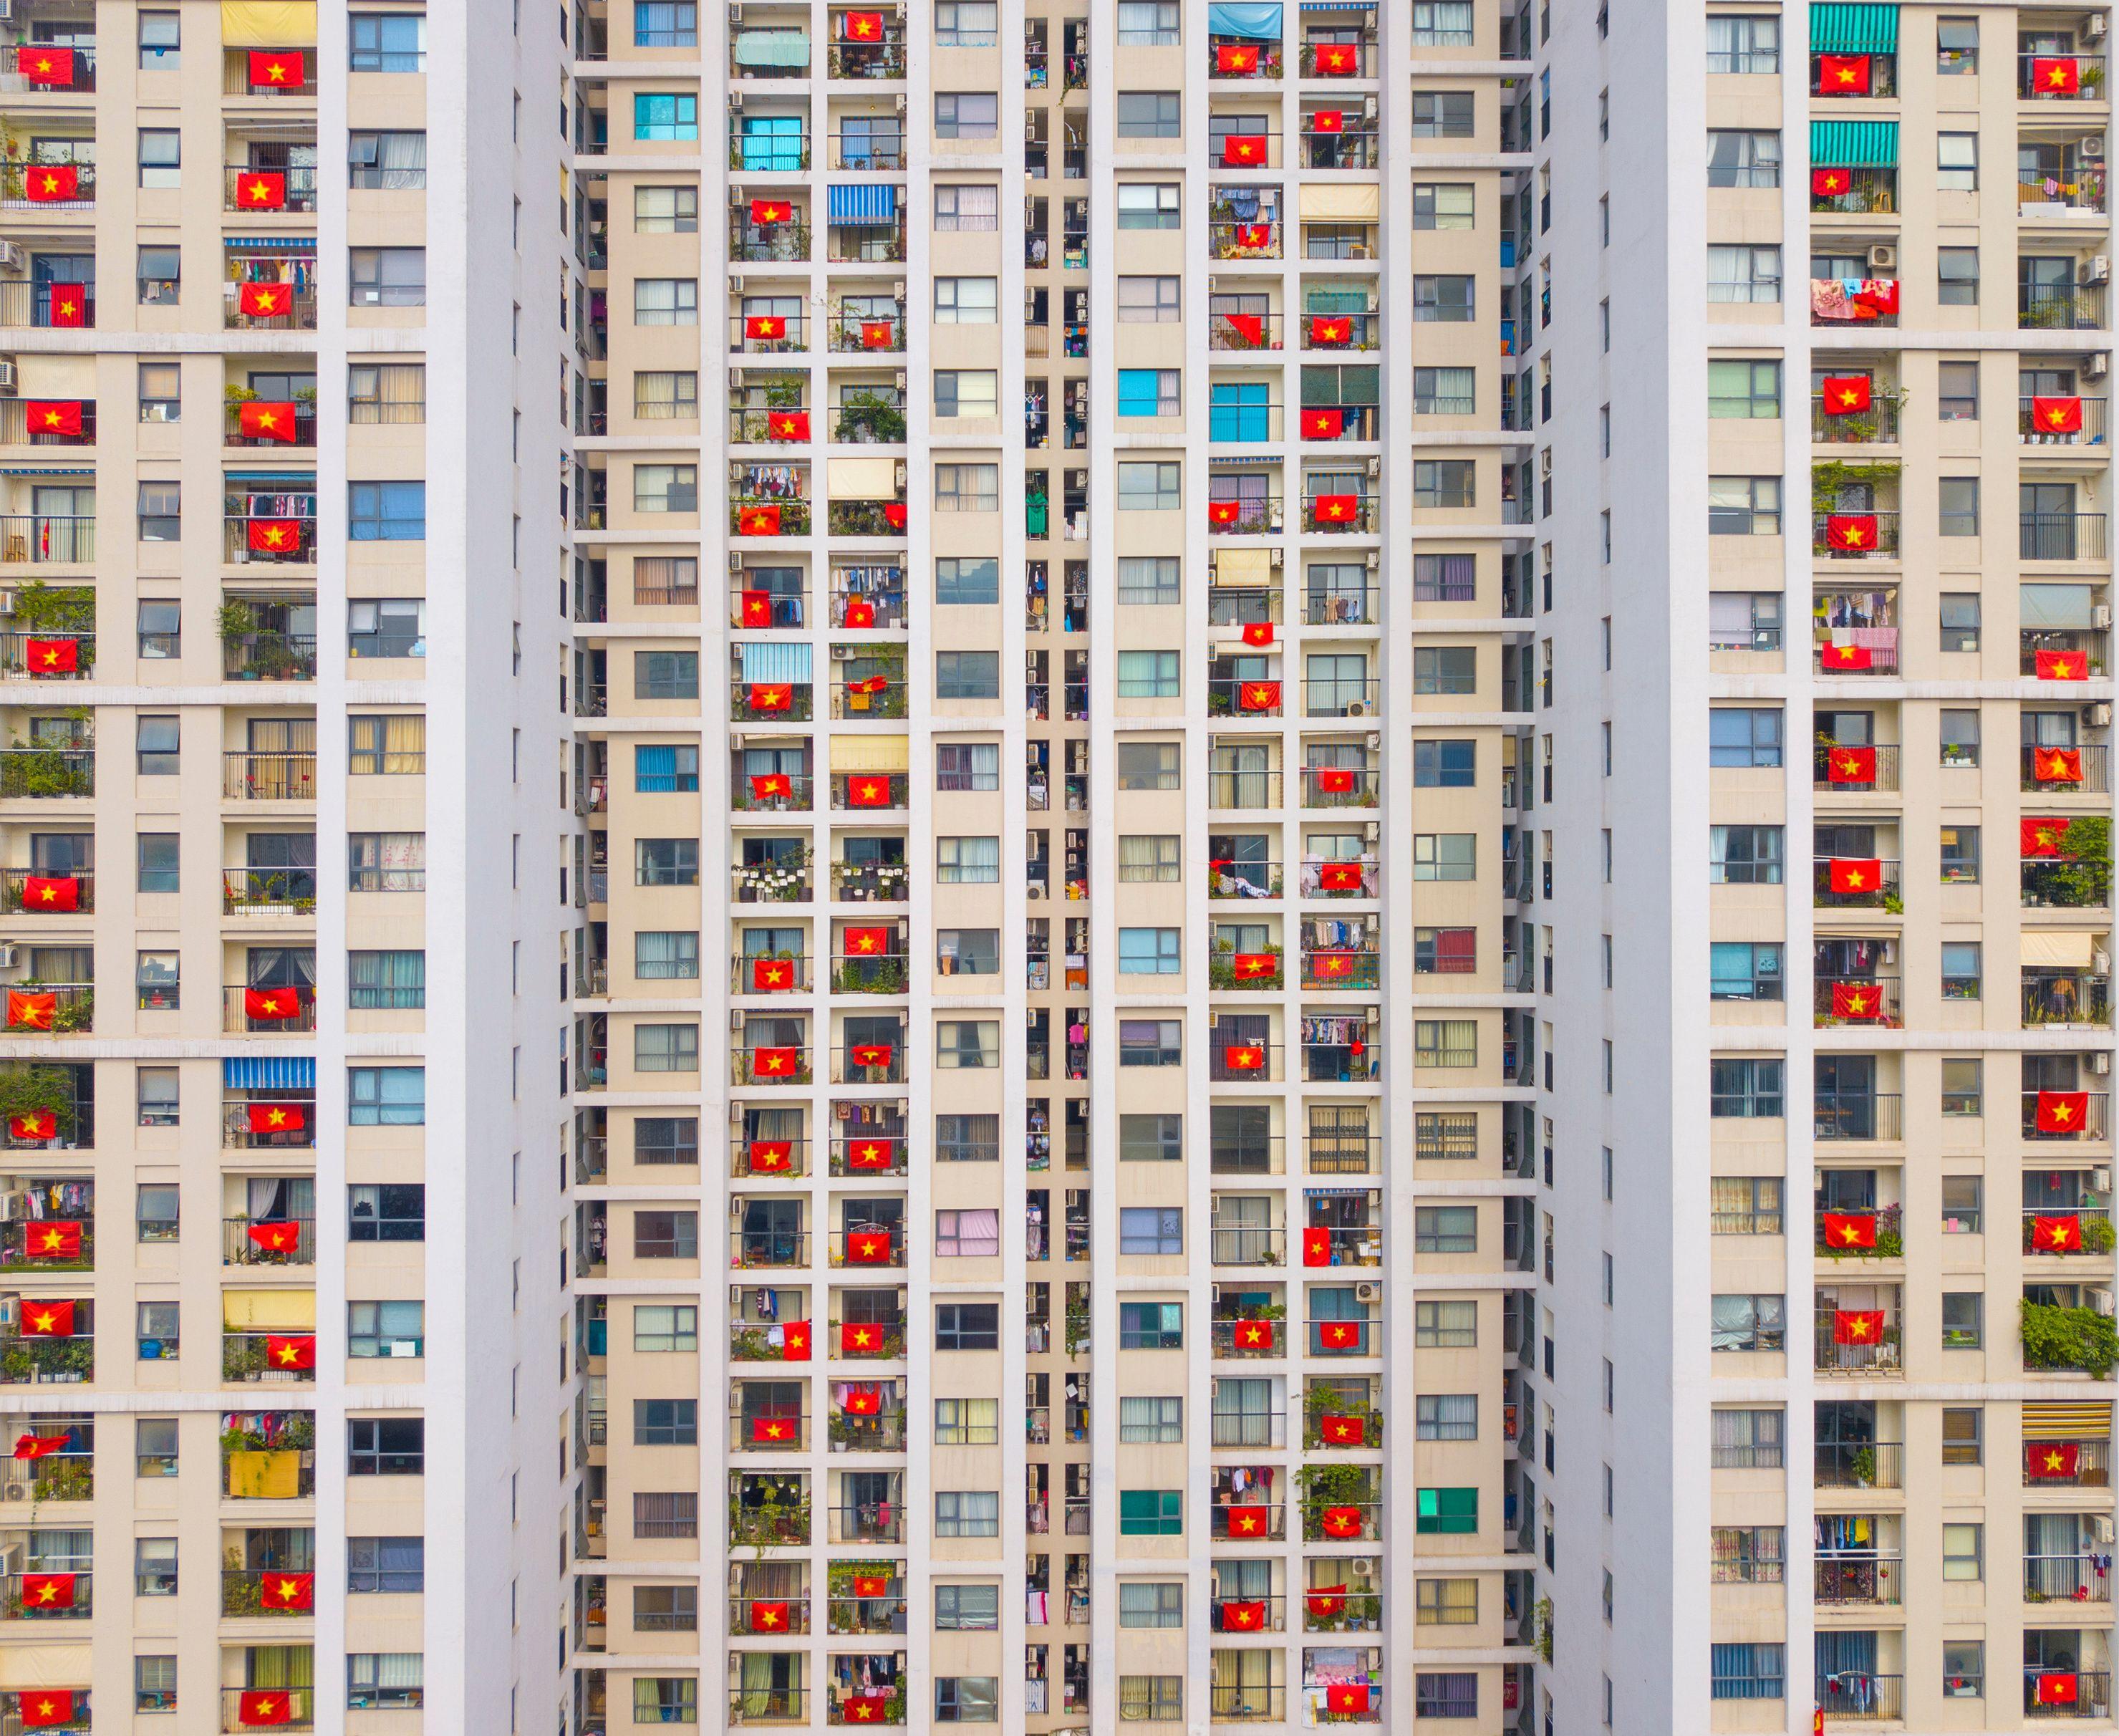 Жители многоквартирного дома выражают сочувствие исолидарность, вывешивая национальный флаг Вьетнама насвоих балконах во время пандемии коронавируса. Ханой, Вьетнам, 22 апреля 2020